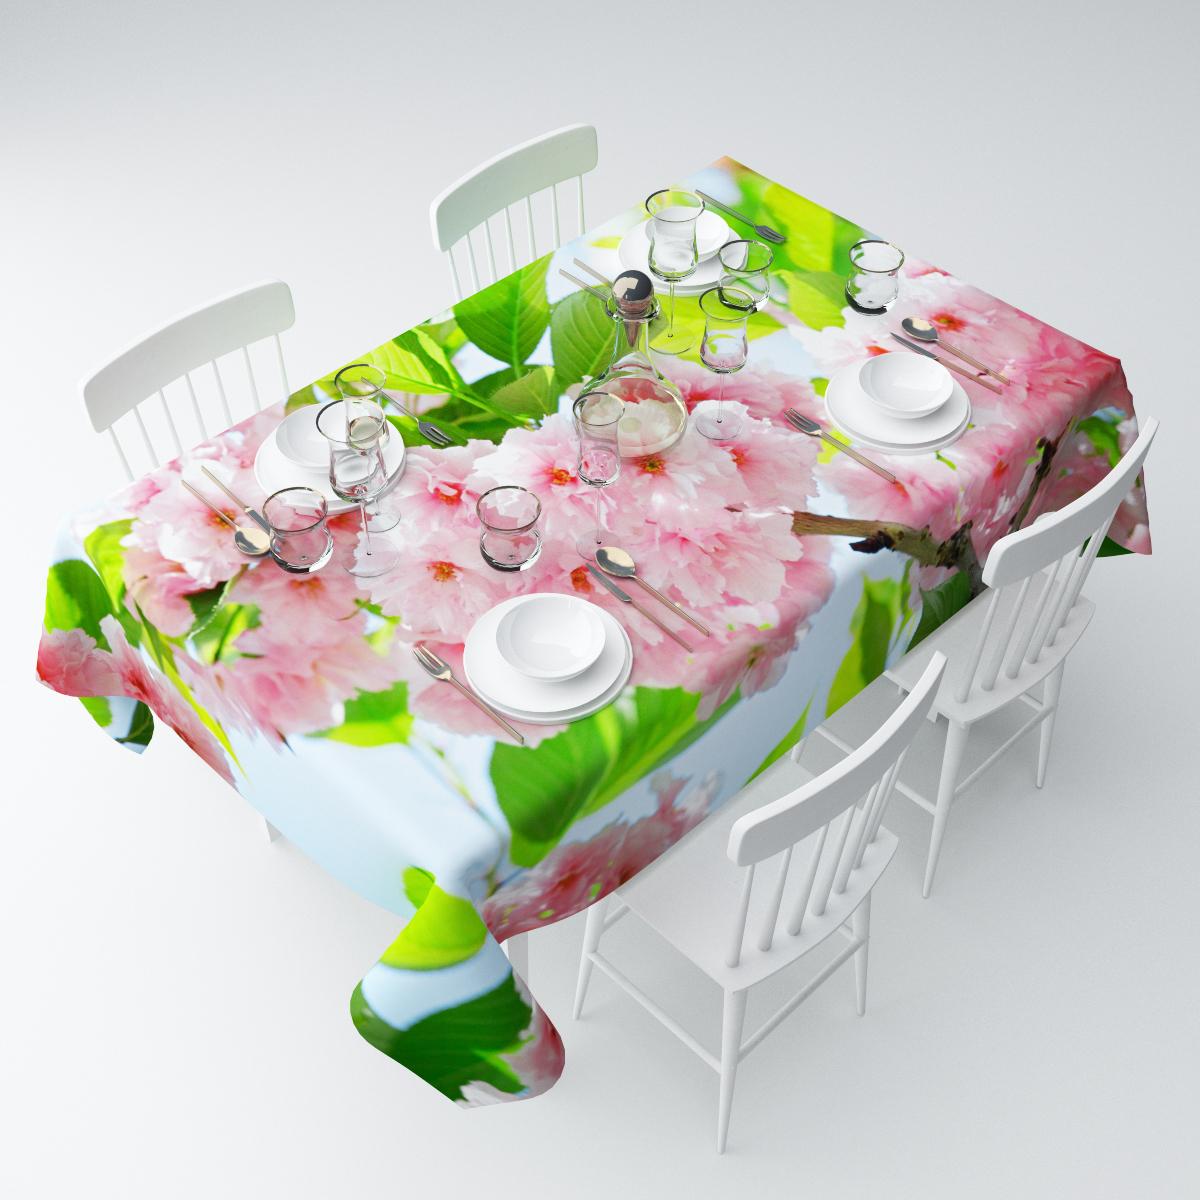 Скатерть Сирень Ветка японской розы, прямоугольная, 145 х 220 смСКГБ004-08404Скатерть Сирень с ярким и объемным рисунком преобразит Вашу кухню, визуально расширит пространство, создаст атмосферу радости и комфорта. Размеры: 145х220 Рекомендации по уходу: стирка при 30 градусах гладить при температуре до 110 градусов Изображение на мониторе может немного отличаться от реального.